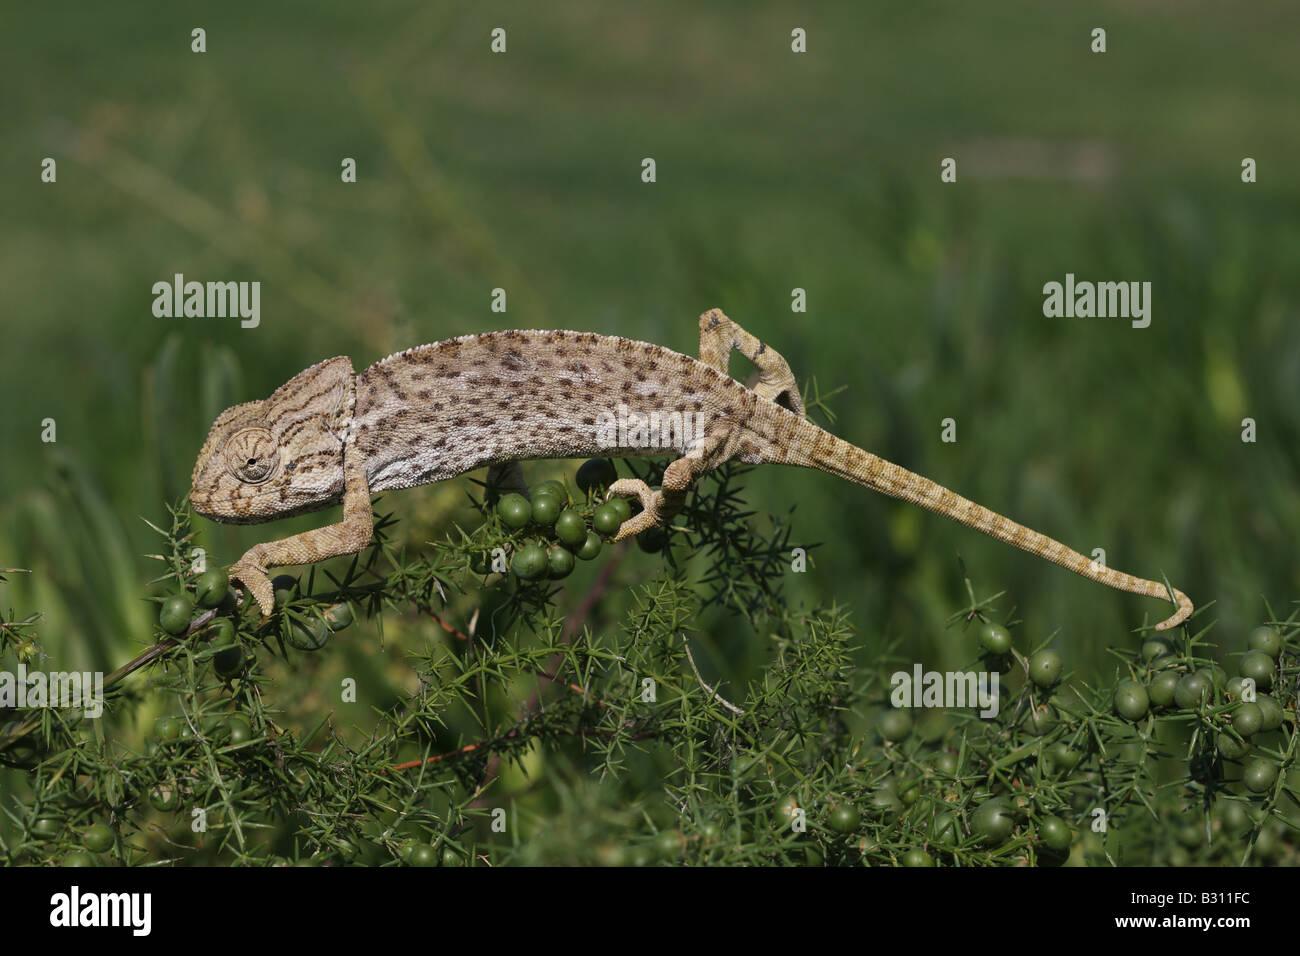 Chameleon Chamaeleo chamaeleon - Stock Image